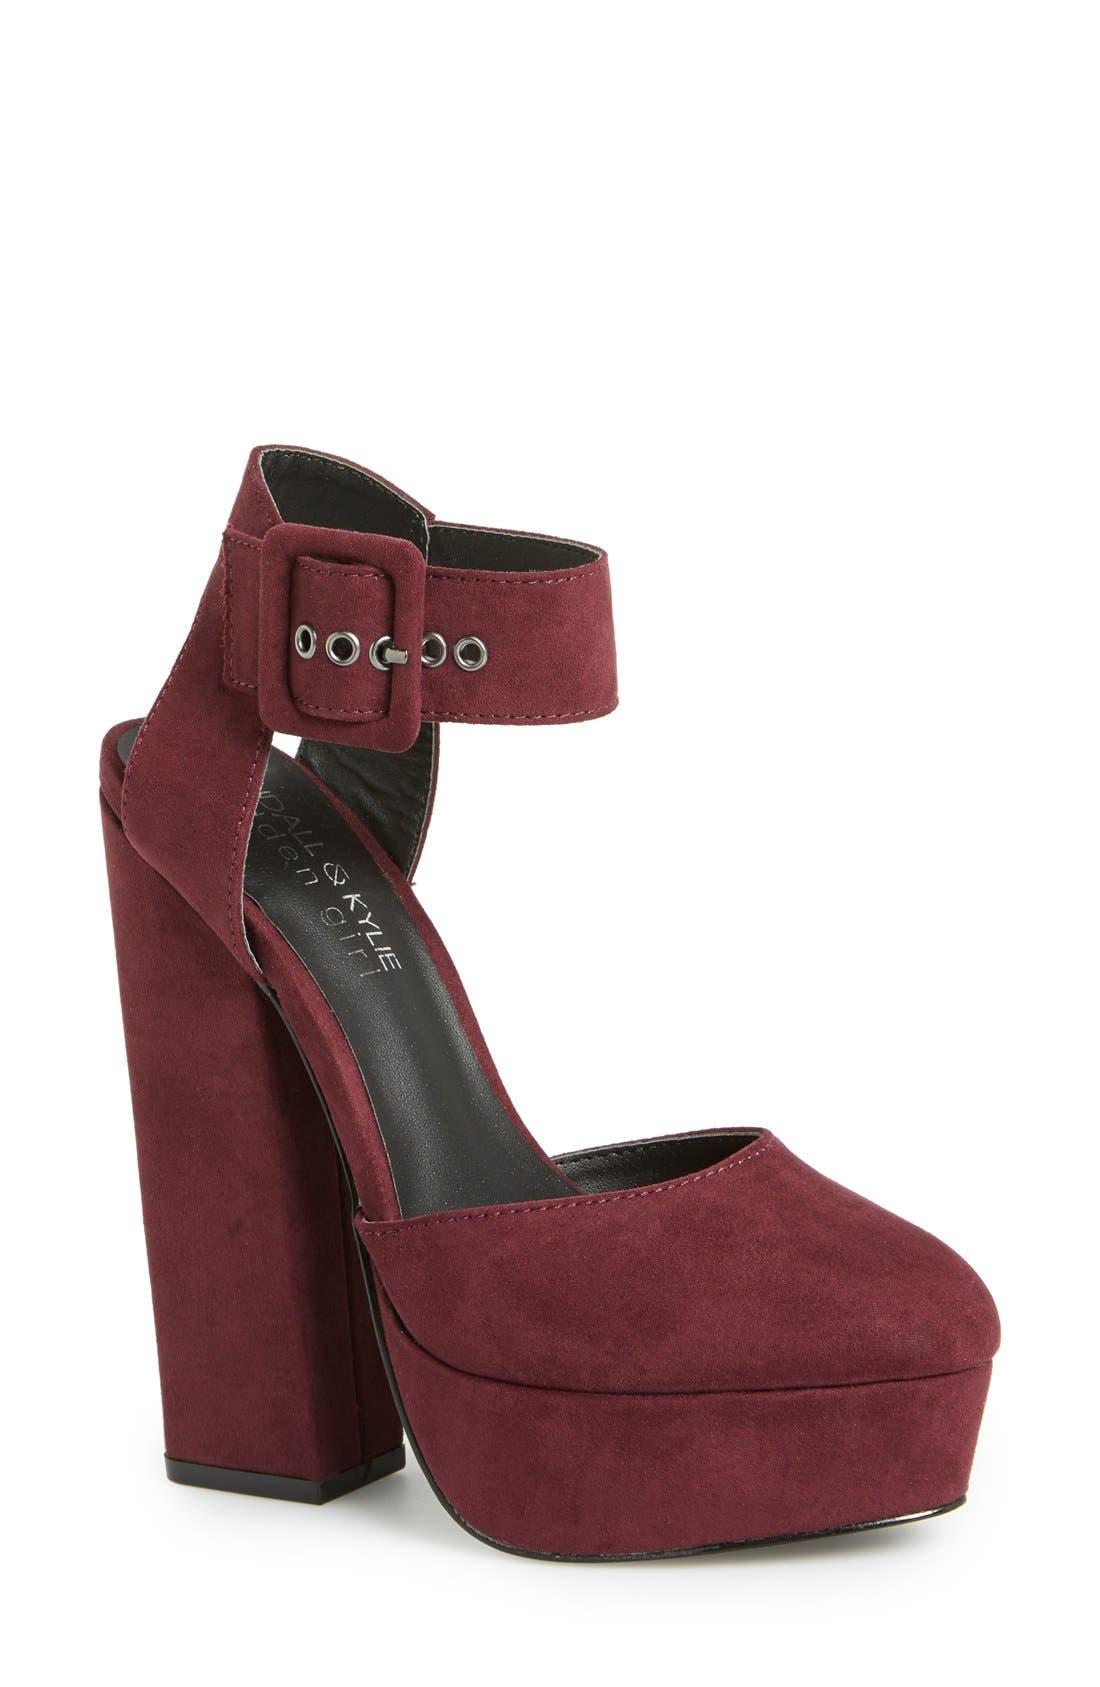 Alternate Image 1 Selected - KENDALL + KYLIE Madden Girl 'Whimsey' Platform Sandal (Women)